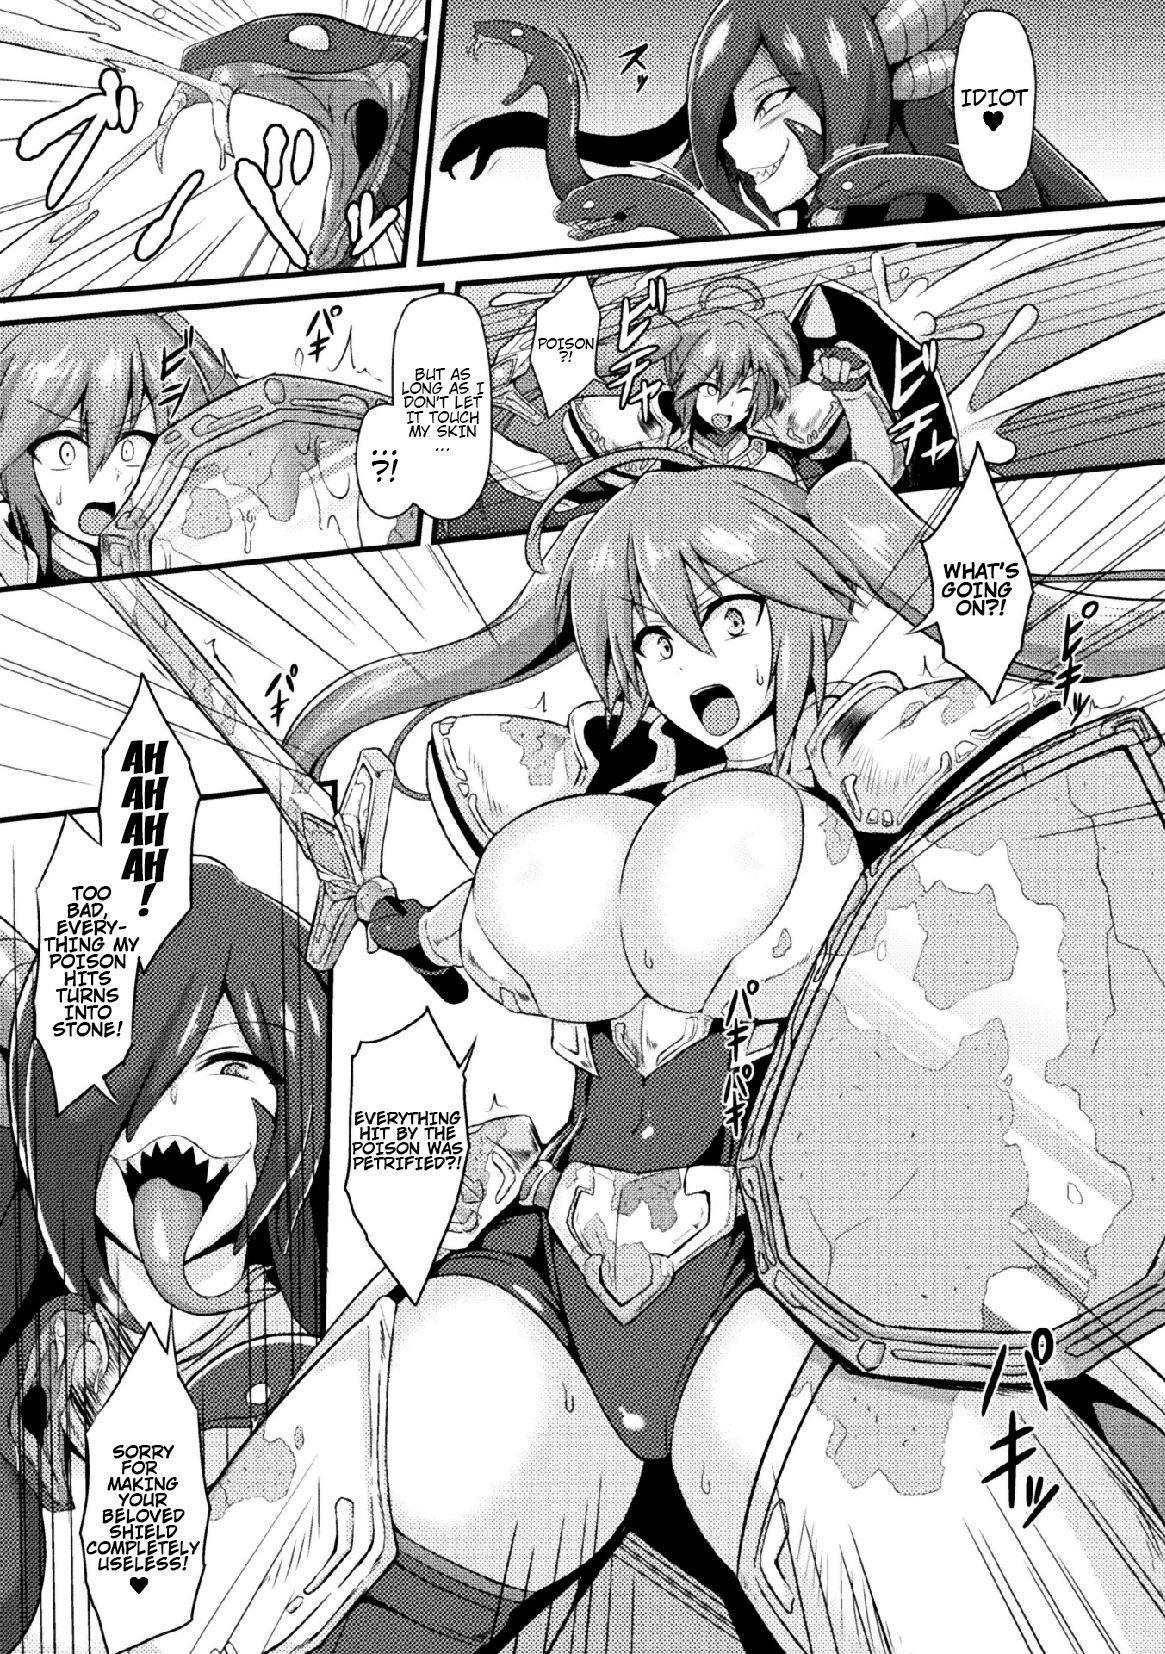 Medusa no Shinjitsu 8